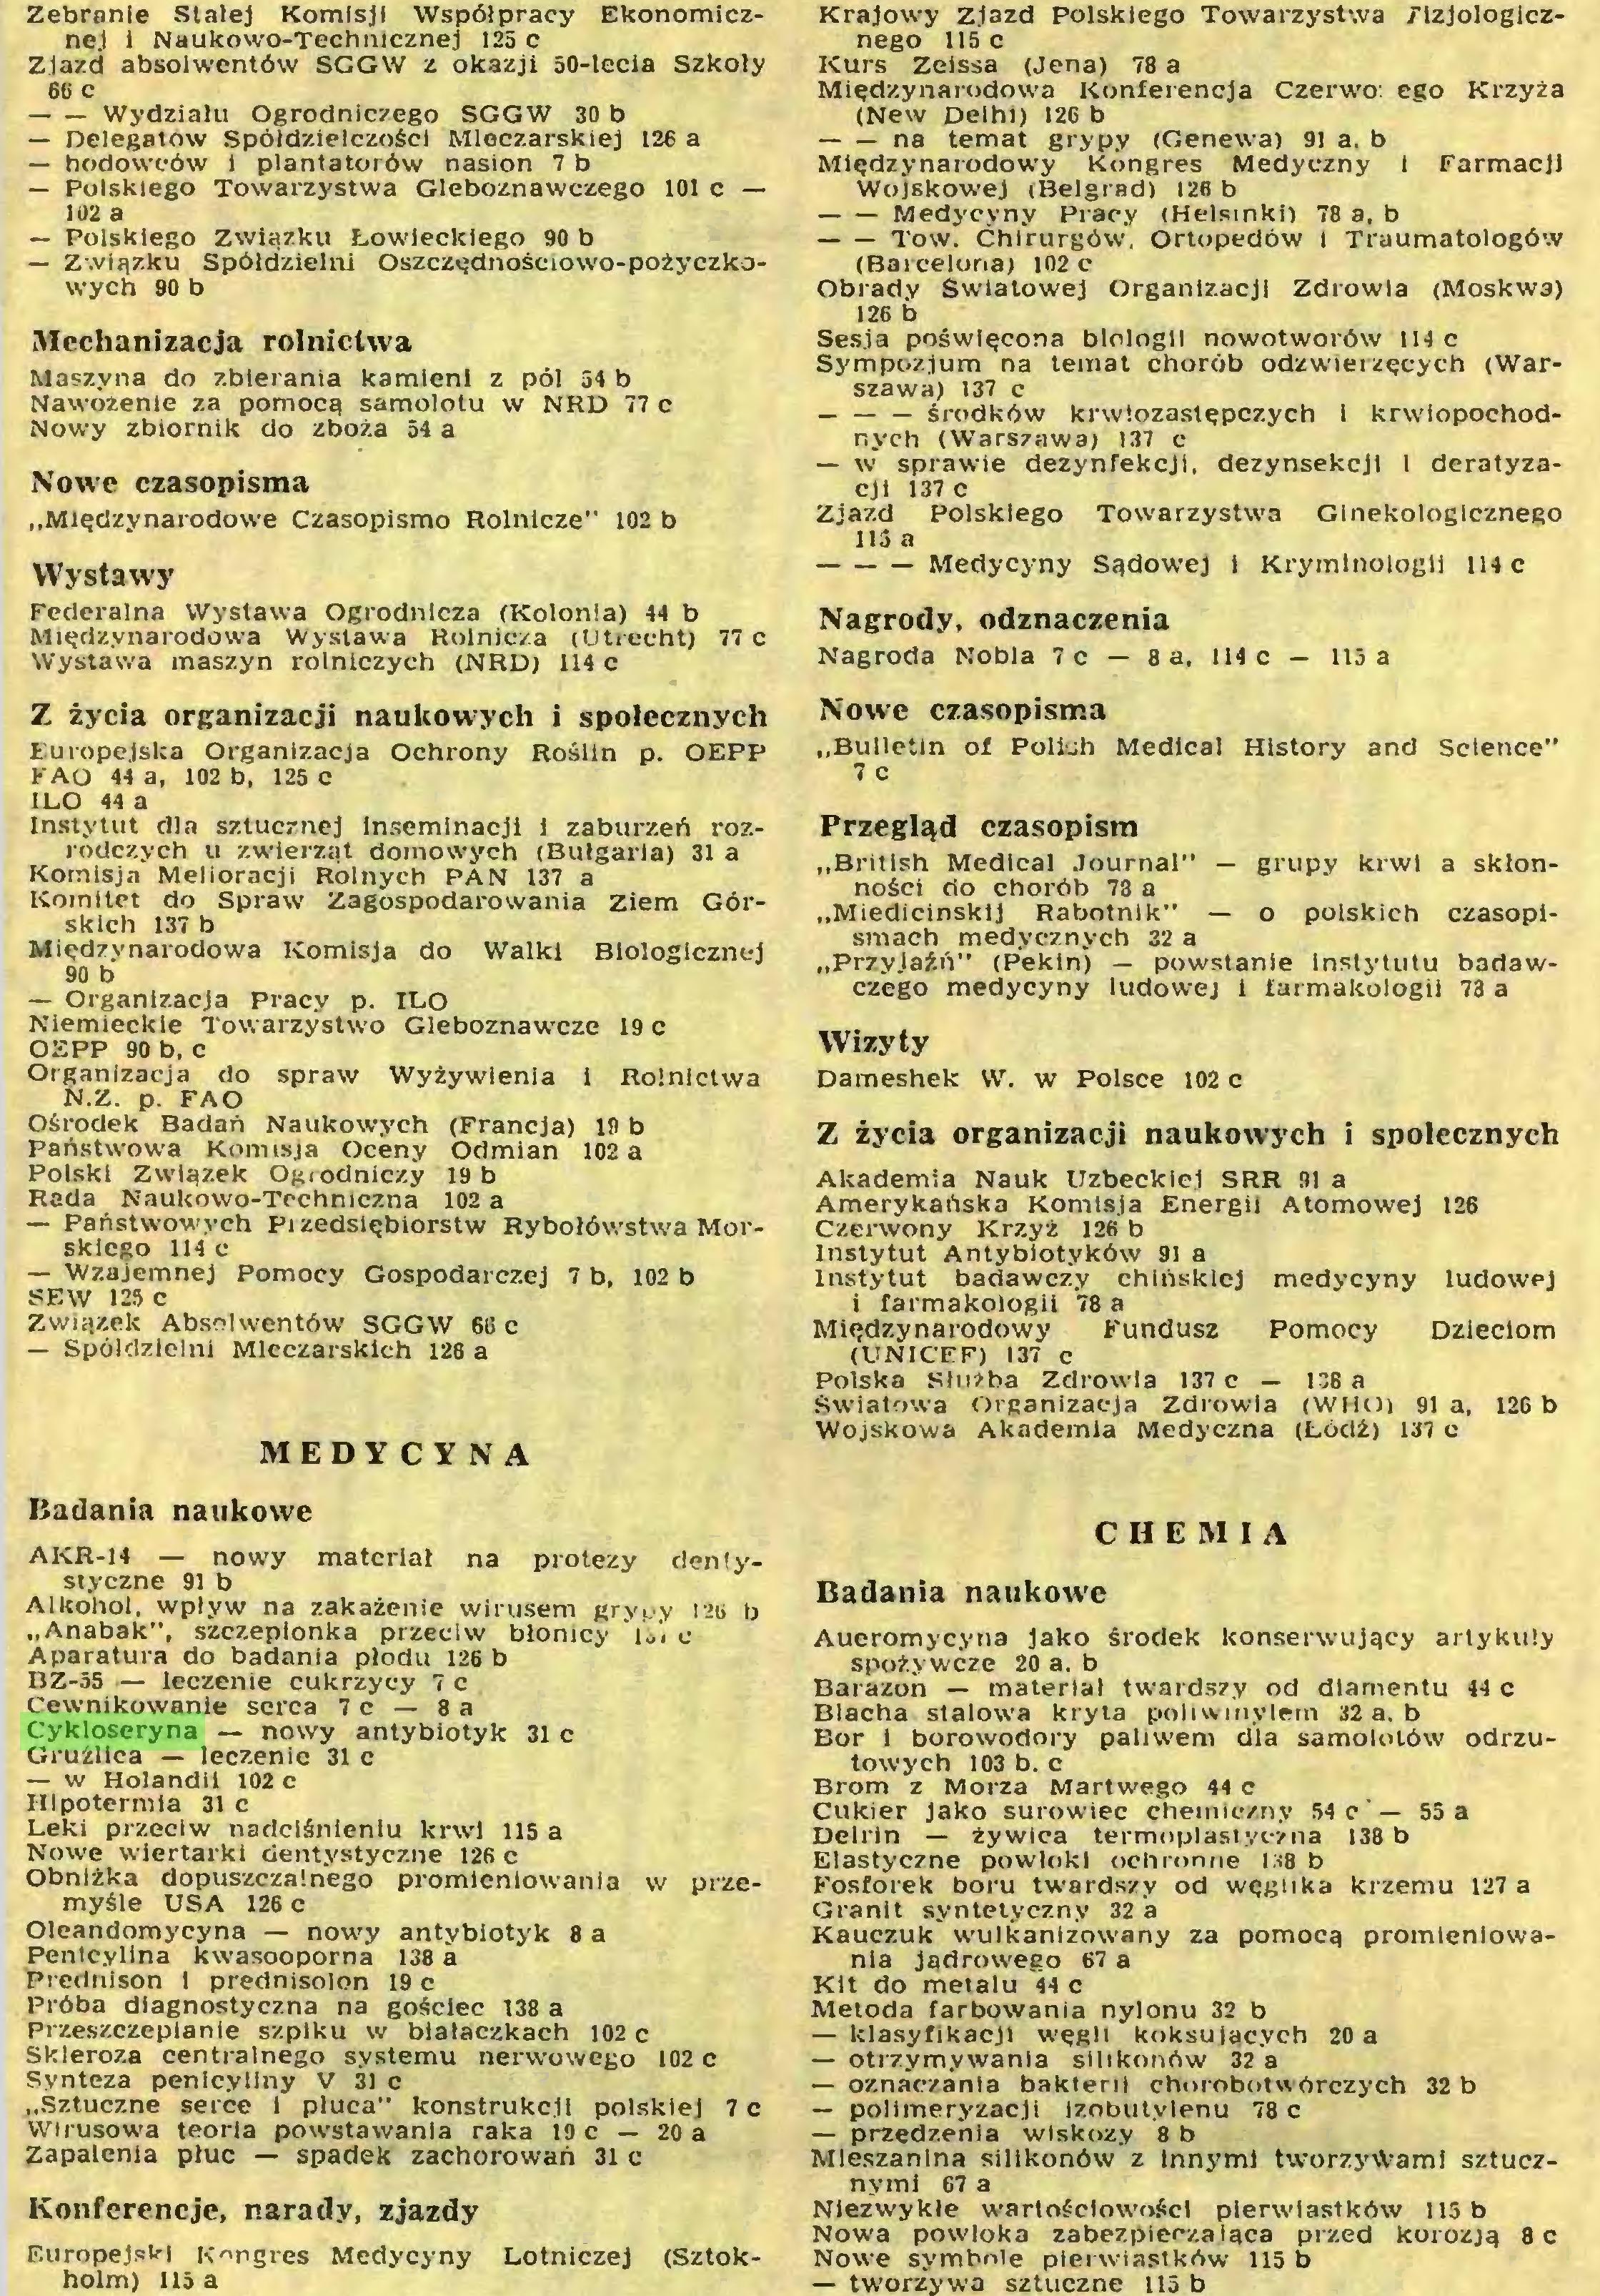 """(...) N.Z. p. FAO Ośrodek Badań Naukowych (Francja) 19 b Państwowa Komisja Oceny Odmian 102 a Polski Związek Ogrodniczy 19 b Rada Naukowo-Techniczna 102 a — Państwowych Pizedsiębiorstw Rybołówstwa Morskiego 114 c — Wzajemnej Pomocy Gospodarczej 7 b, 102 b SEW 125 c Związek Absolwentów SGGW 66 c — Spółdzielni Mleczarskich 126 a MEDYCYNA Badania naukowe AKR-14 — nowy materiał na protezy deniystyczne 91 b Alkohol, wpływ na zakażenie wirusem grypy izb b """"Anabak"""", szczepionka przeciw błonicy i¿i c Aparatura do badania płodu 126 b BZ-55 — leczenie cukrzycy 7 c Cewnikowanie serca 7 c — 8 a Cykloseryna — nowy antybiotyk 31 c Gruźlica — leczenie 31 c — w Holandii 102 c Hipotermia 31 c Leki przeciw nadciśnieniu krwi 115 a Nowe wiertarki dentystyczne 126 c Obniżka dopuszczalnego promieniowania w przemyśle USA 126 c Oleandomycyna — nowy antybiotyk 8 a Penicylina kwasooporna 138 a Prednison i prednisolon 19 c Próba diagnostyczna na gościec 138 a Przeszczepianie szpiku w białaczkach 102 c Skleroza centralnego systemu nerwowego 102 c Synteza penicyliny V 31 c """"Sztuczne serce i płuca"""" konstrukcji polskiej 7 c Wirusowa teoria powstawania raka 19 c — 20 a Zapalenia płuc — spadek zachorowań 31 c Konferencje, narady, zjazdy Europejski Kongres Medycyny Lotniczej (Sztokholm) 115 a Krajowy Zjazd Polskiego Towarzystwa Fizjologicznego 115 c Kurs Zeissa (Jena) 78 a Międzynarodowa Konferencja Czerwo: ego Krzyża (New Delhi) 126 b na temat grypy (Genewa) 91 a. b..."""